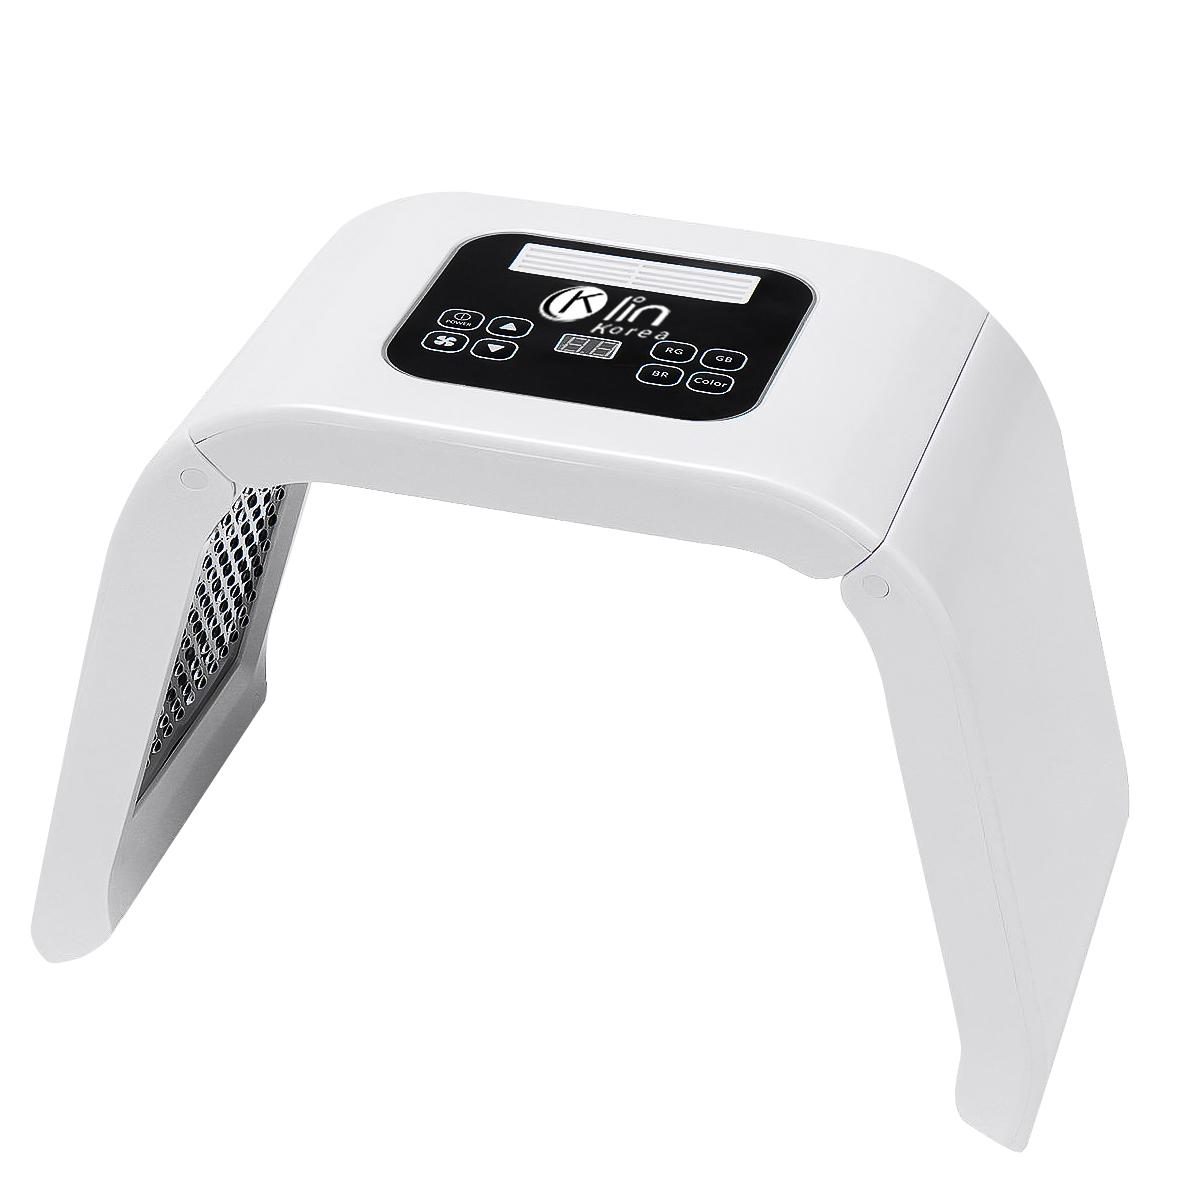 خرید                     دستگاه ماسک ال ای دی تراپی کلین مدل X7